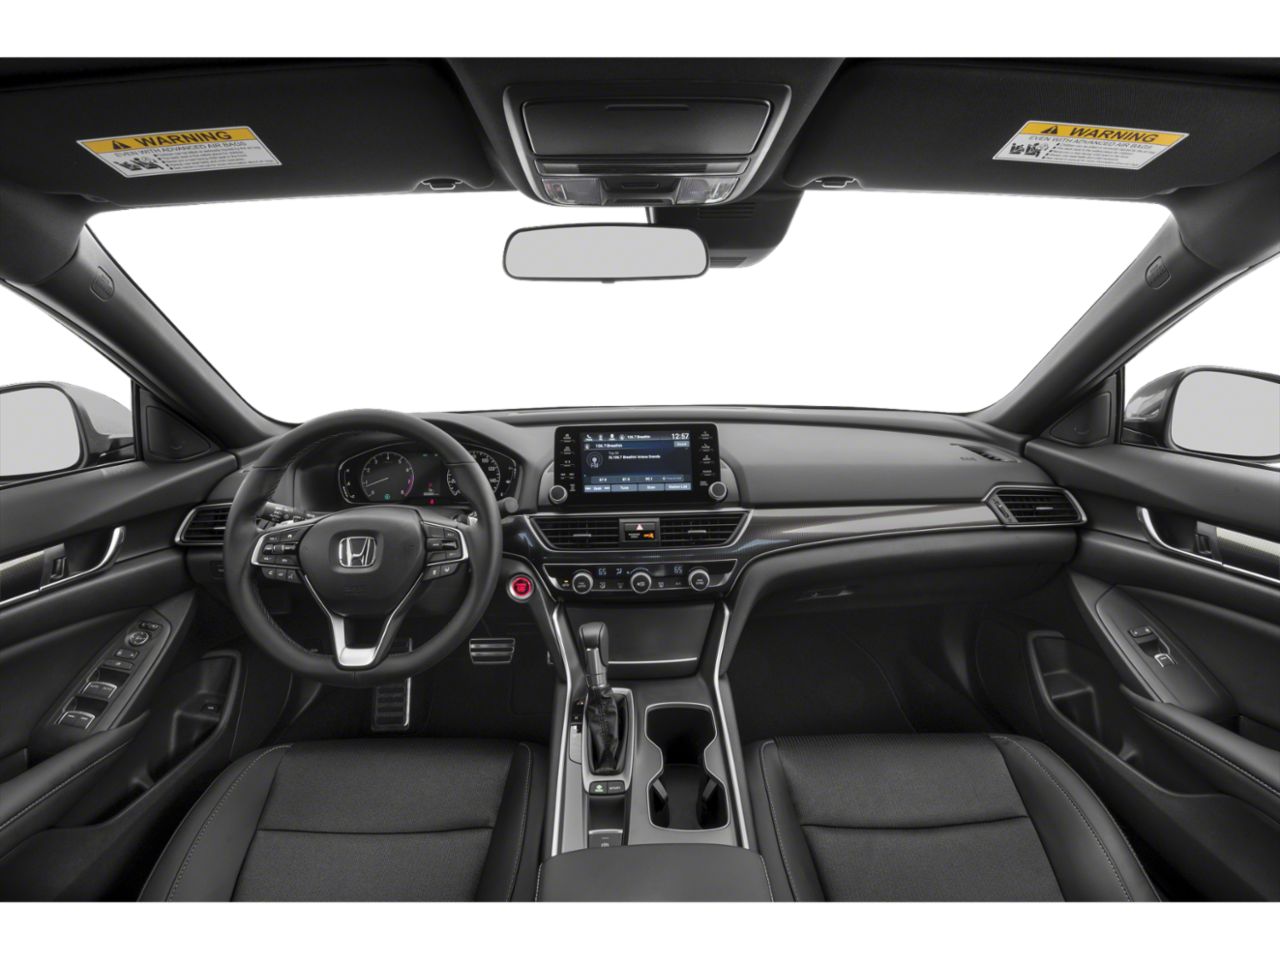 image-4 2020 Honda ACCORD